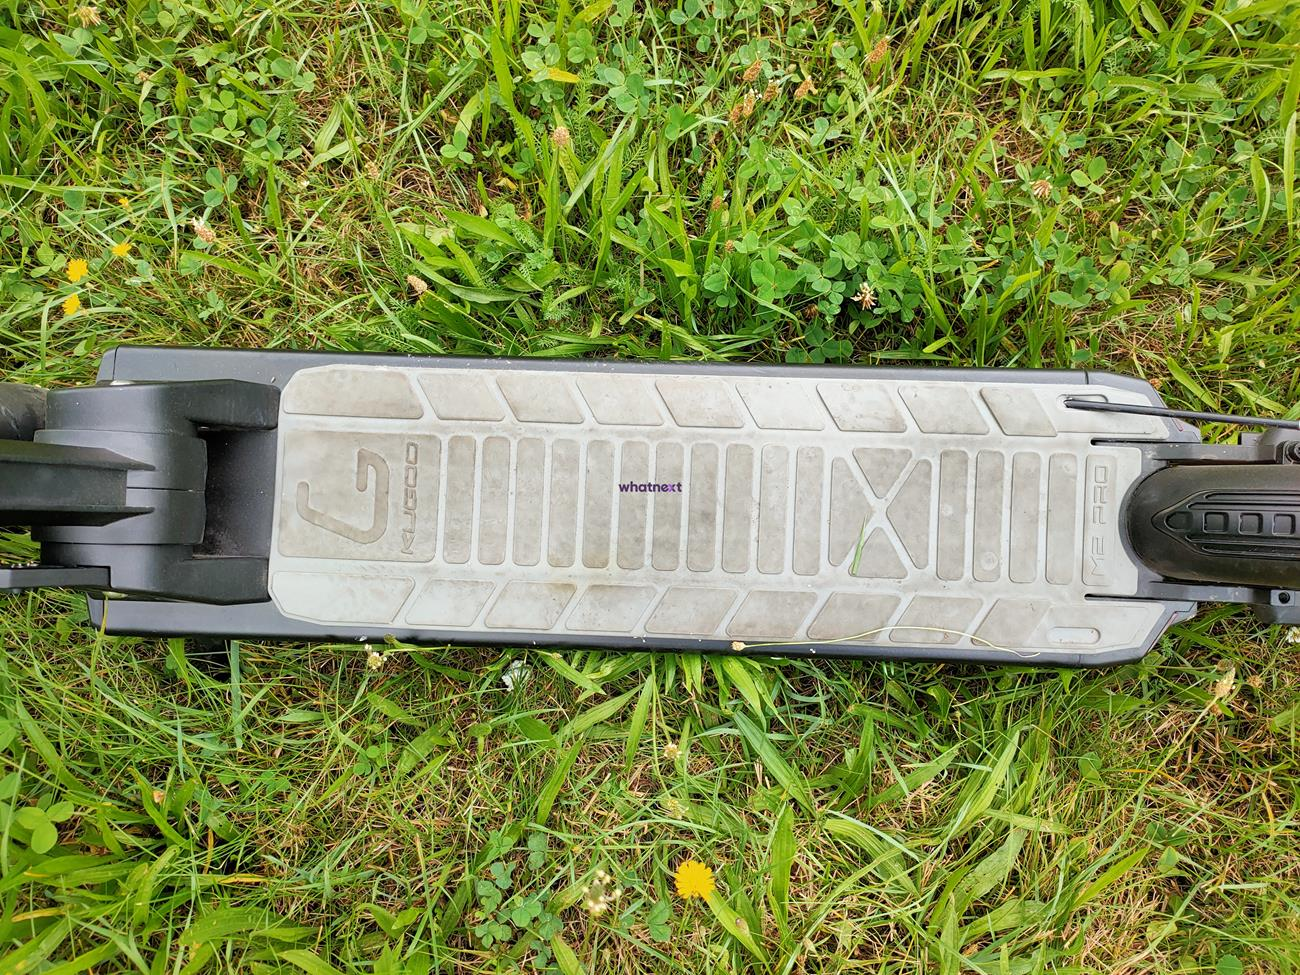 Kugoo M2 Pro, test Kugoo M2 Pro, recenzja Kugoo M2 Pro, review Kugoo M2 Pro, opinia Kugoo M2 Pro